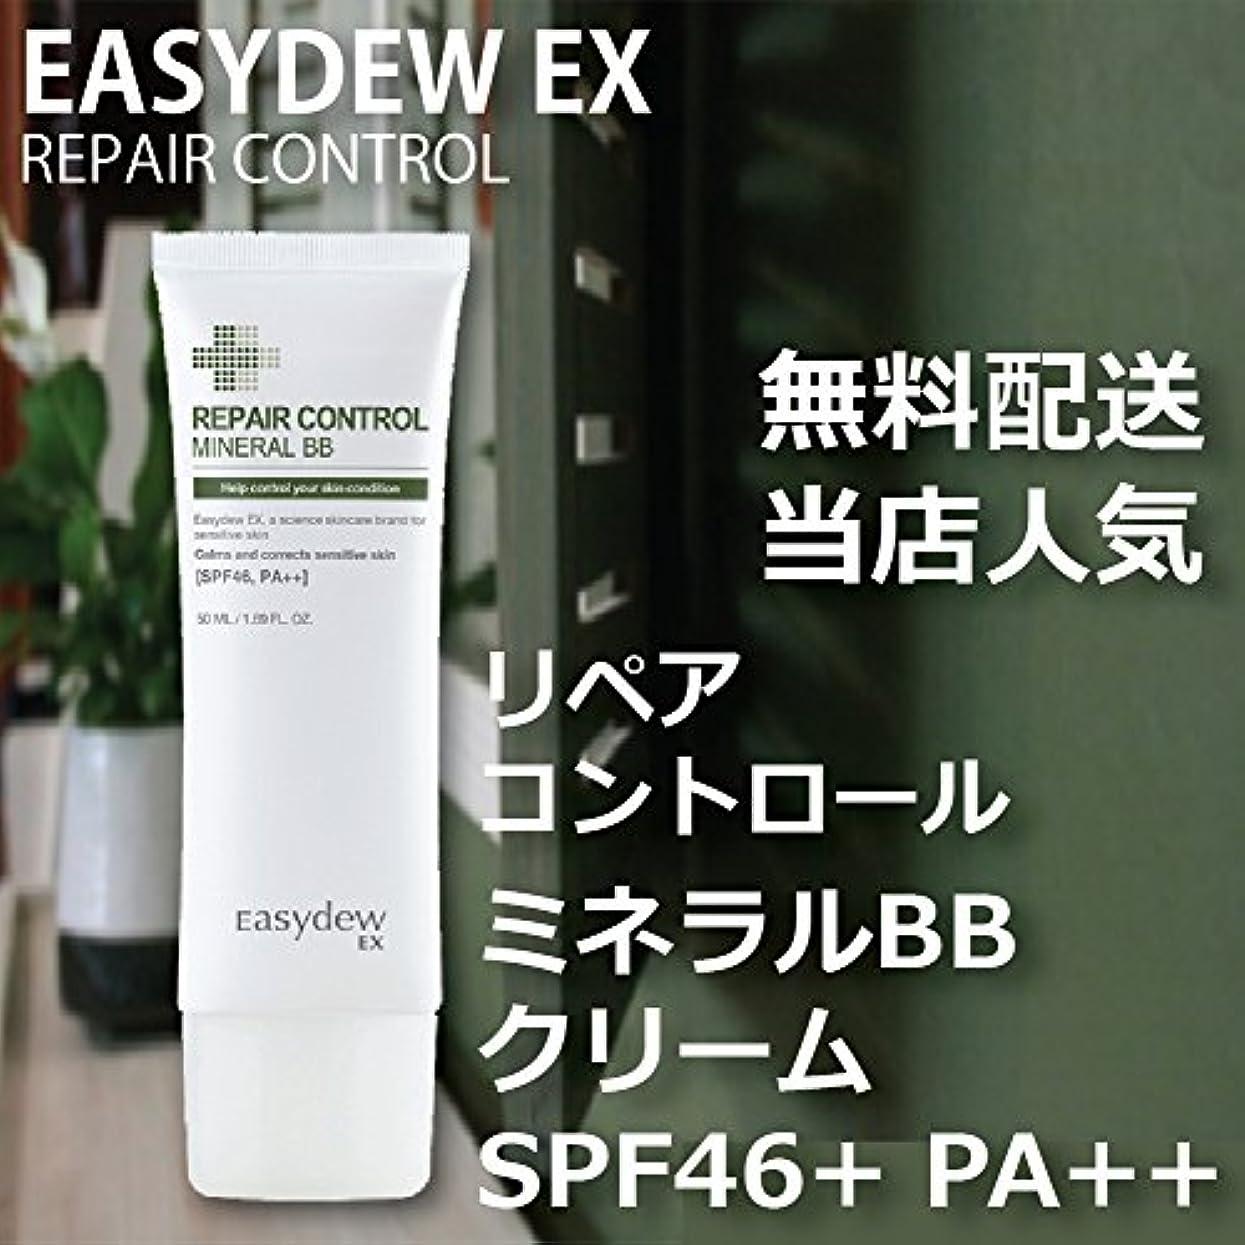 翻訳リストペストリーEASY DEW EX ミネラル BBクリーム SPF46+ PA++ 50ml MINRAL BB CREAM 韓国 人気 コスメ イージーデュー 敏感 乾燥 美白 しわ 3重機能性